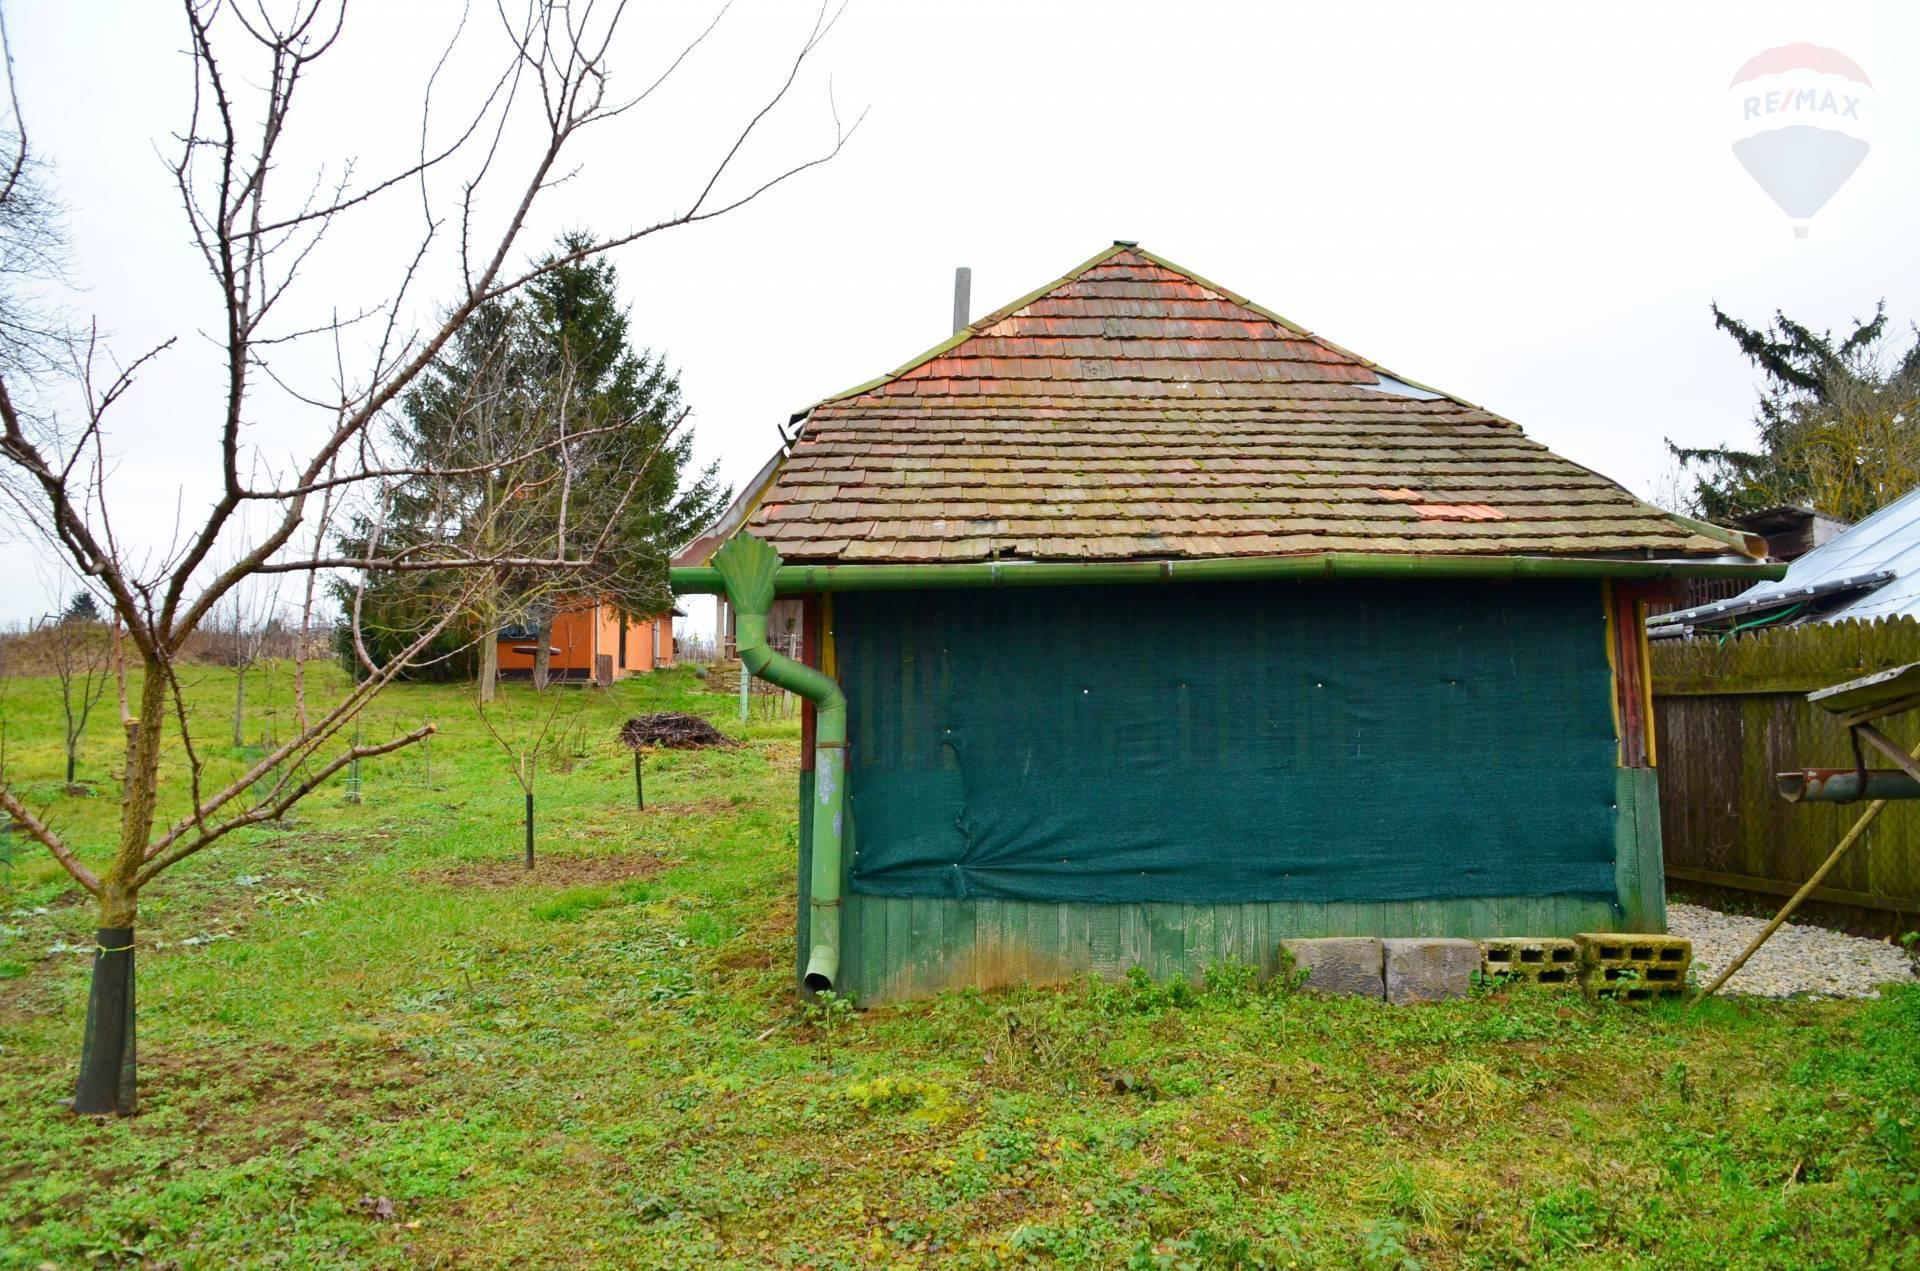 Predaj chaty 1863 m2, Melek - Predaj_Chata_Melek_03